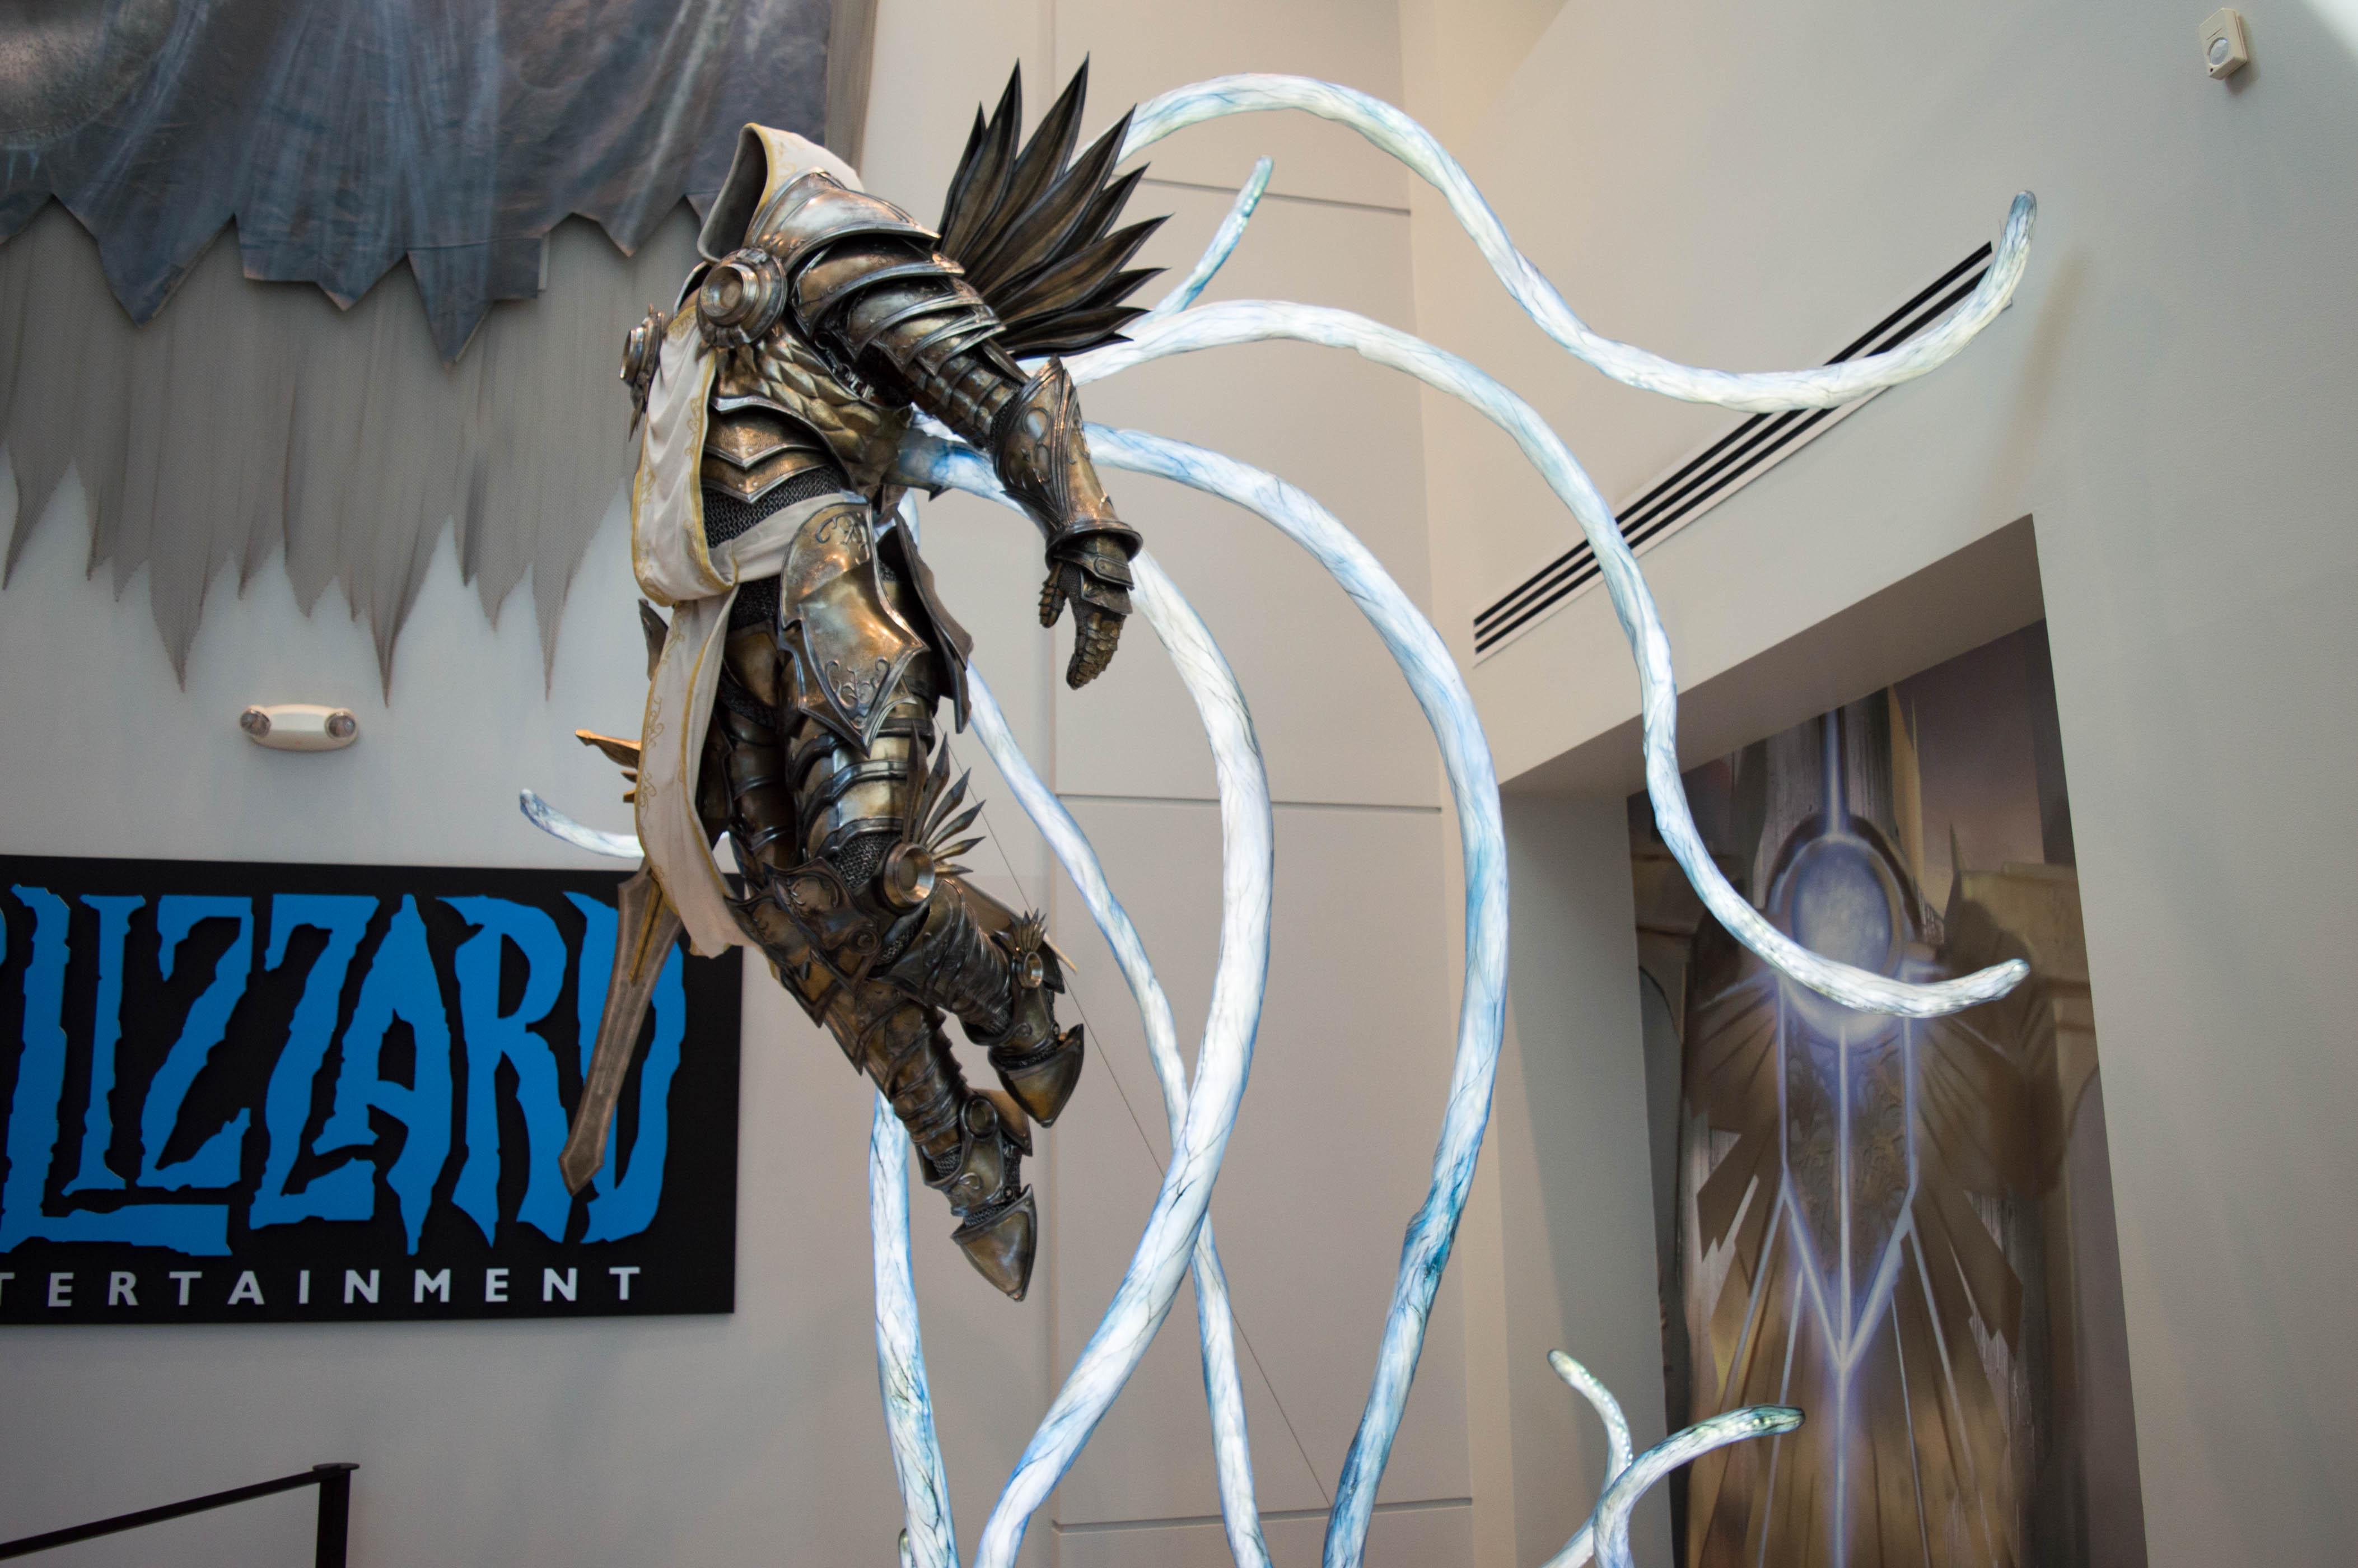 Swaps4's Bizarre Adventure Tour of Blizzard Entertainment 0060